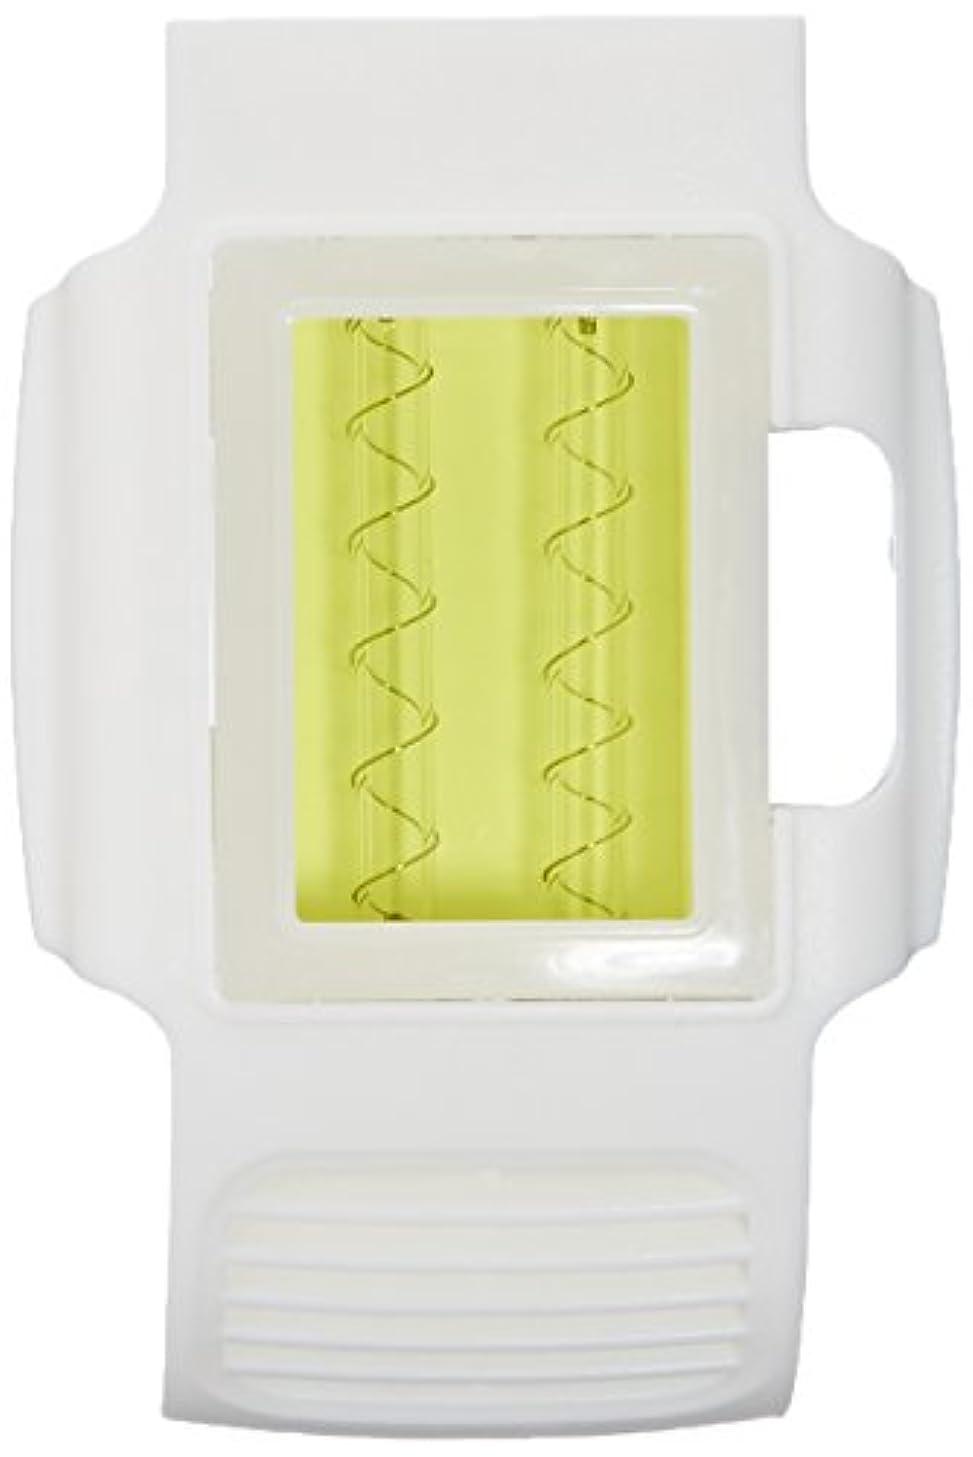 発音する裁判官学部長家庭用脱毛器センスエピ(sensepil)専用ランプカートリッジPlus(1,500ショット)